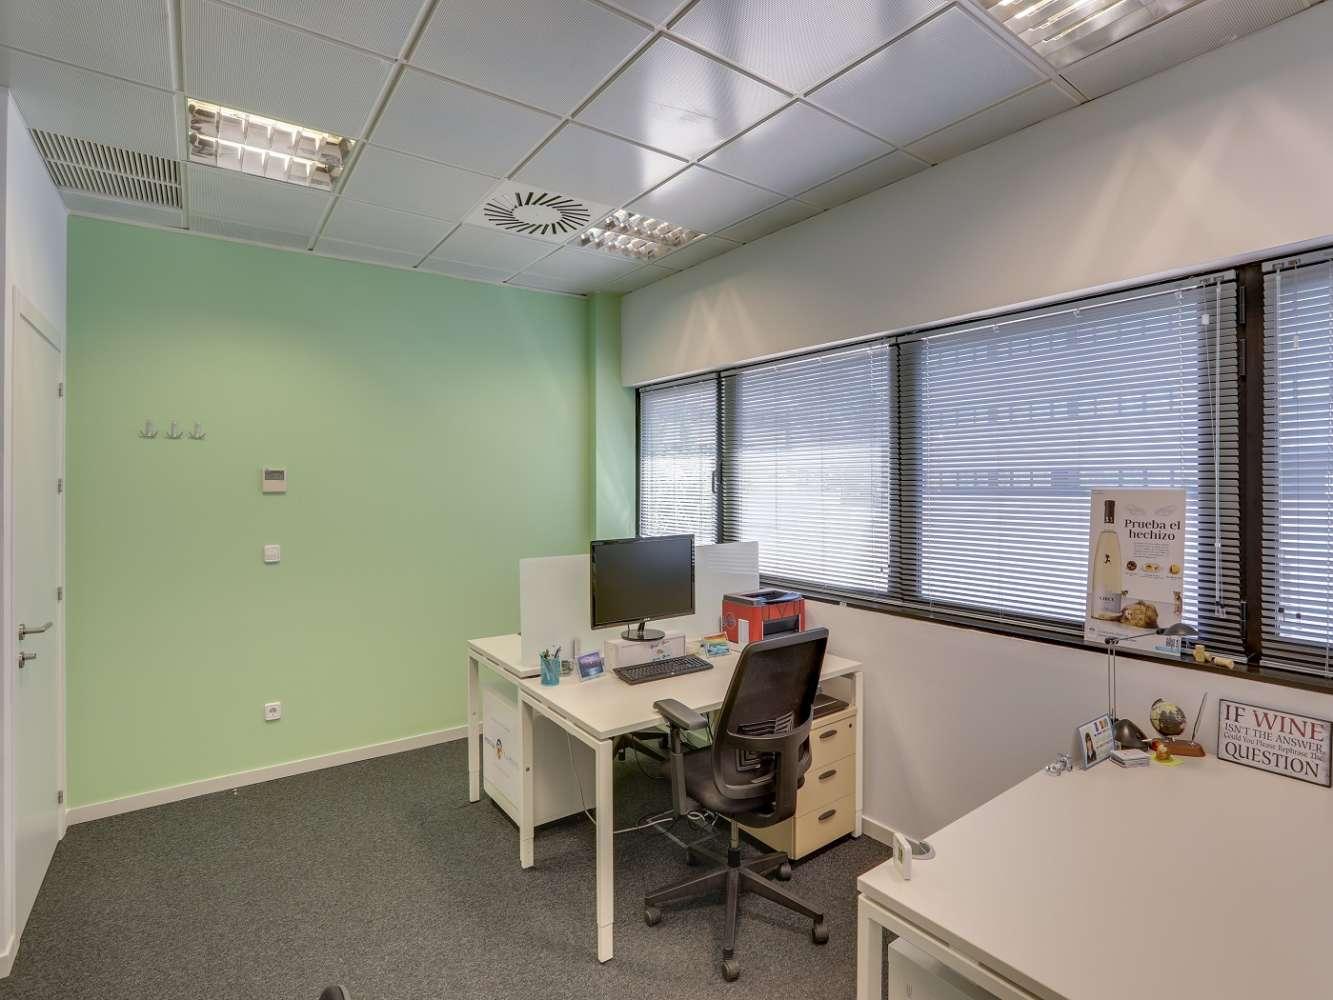 Oficina Las rozas de madrid, 28232 - Coworking - Las Rozas - 20144